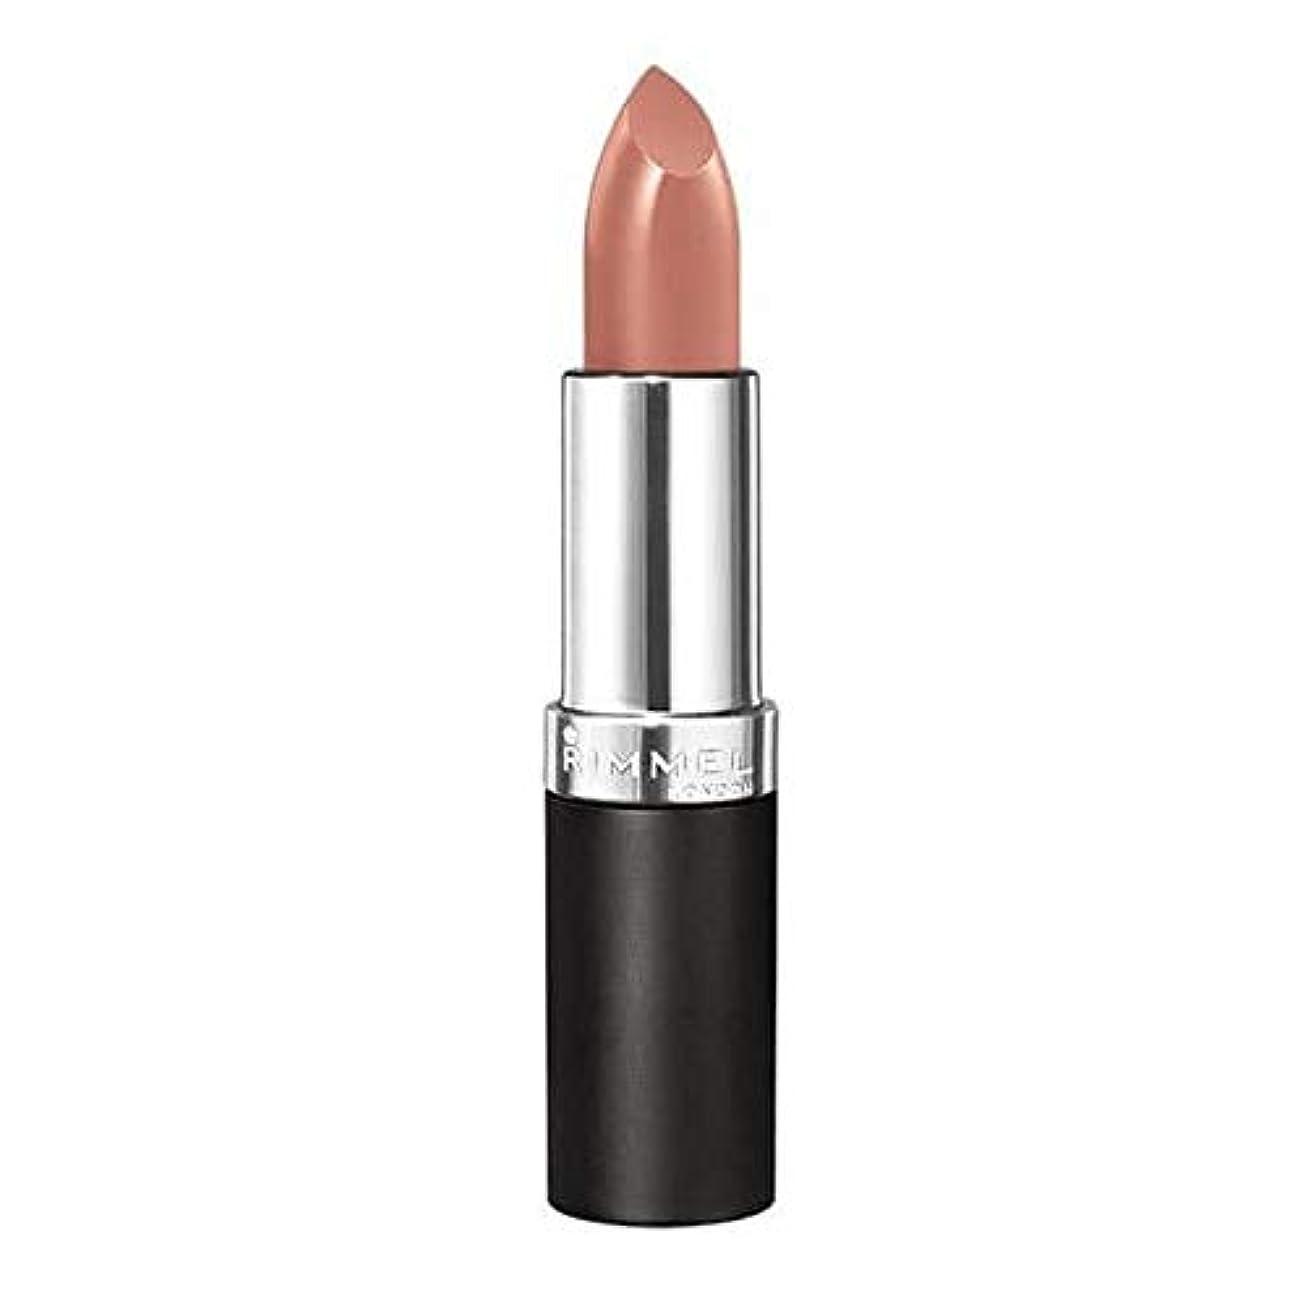 退化するシャイ食物[Rimmel ] 衣服を脱いだリンメル持続的な仕上がりのリップスティック - Rimmel Lasting Finish Lipstick Unclothed [並行輸入品]